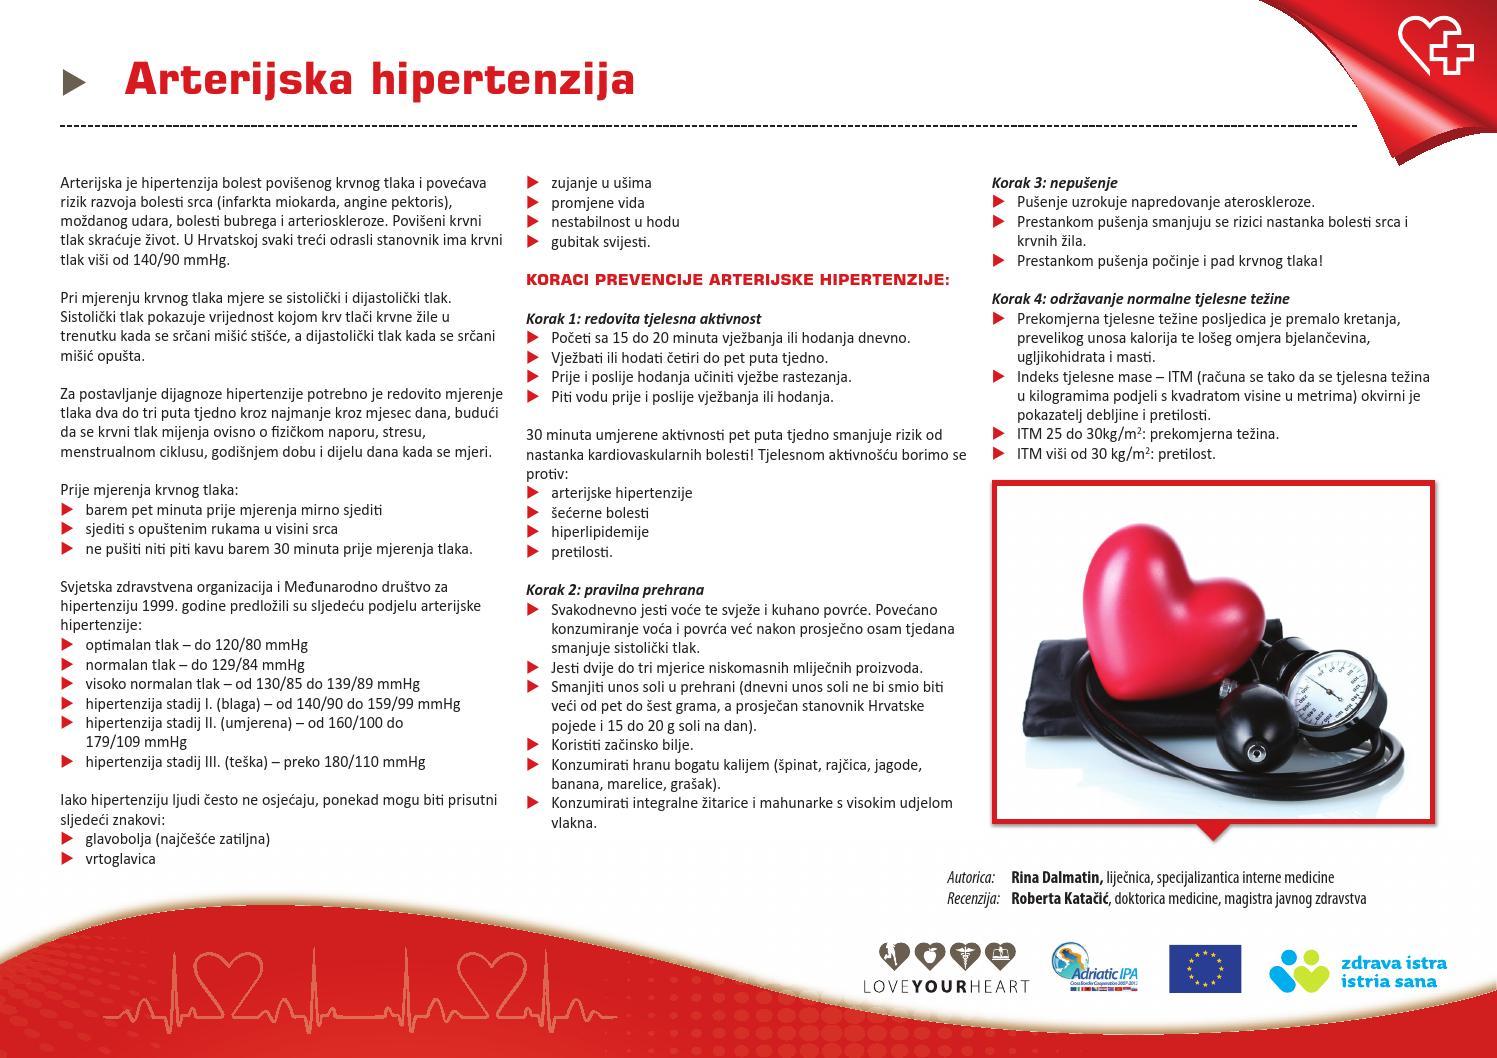 uzroci hipertenzije prijelaz hipotenzije hipertenzija slušni trening